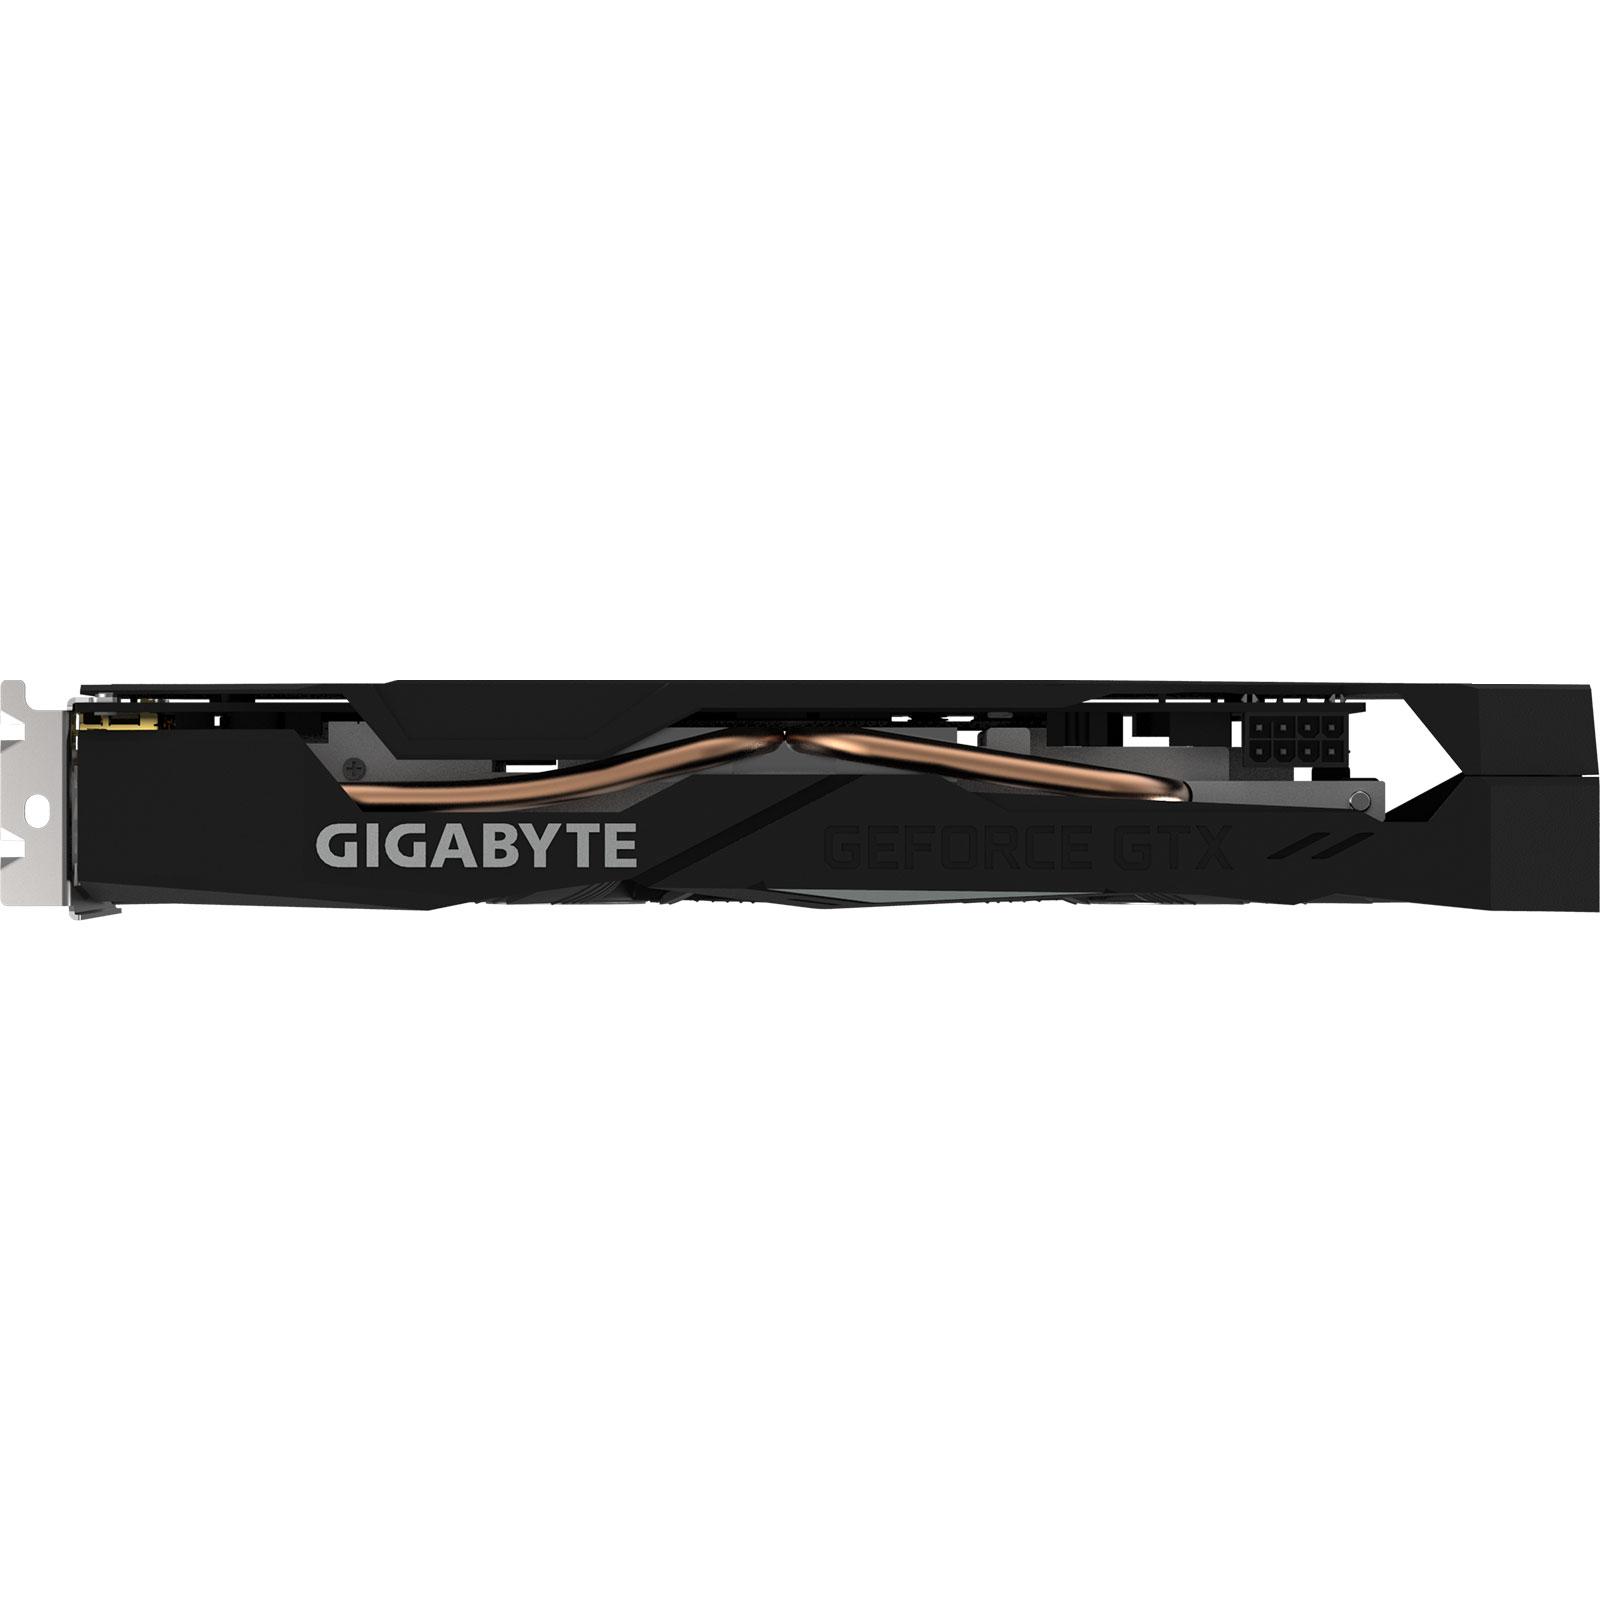 Gigabyte GV-N166TWF2OC-6GD 6Go - Carte graphique Gigabyte - 3